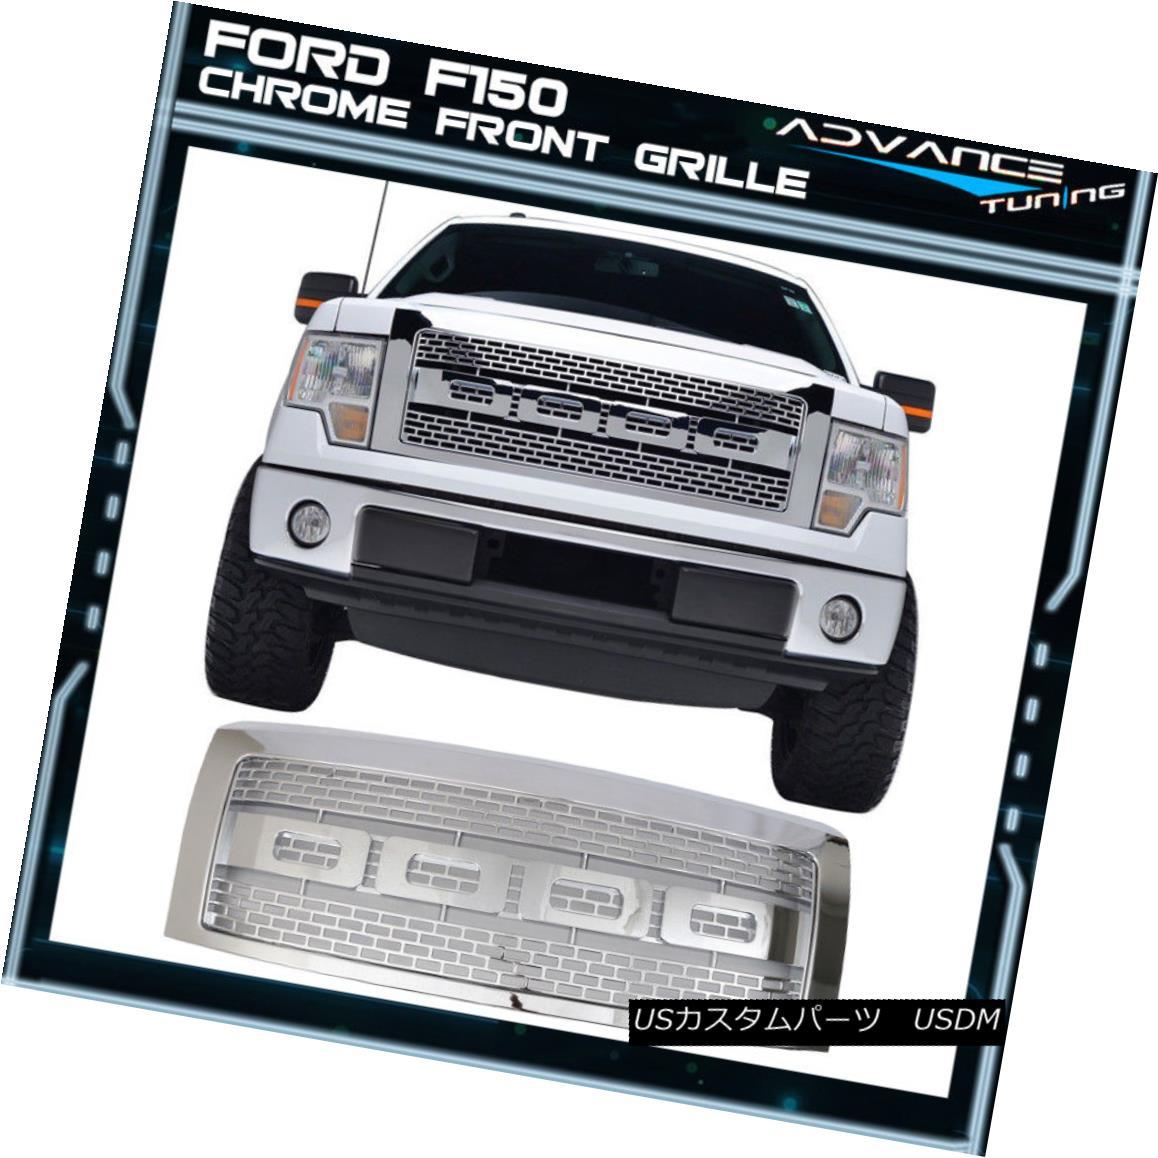 グリル For 09-14 Ford F150 Raptor Style Front Bumper Grille Hood Grill Chrome 09-14フォードF150ラプタースタイルフロントバンパーグリルフードグリルクローム